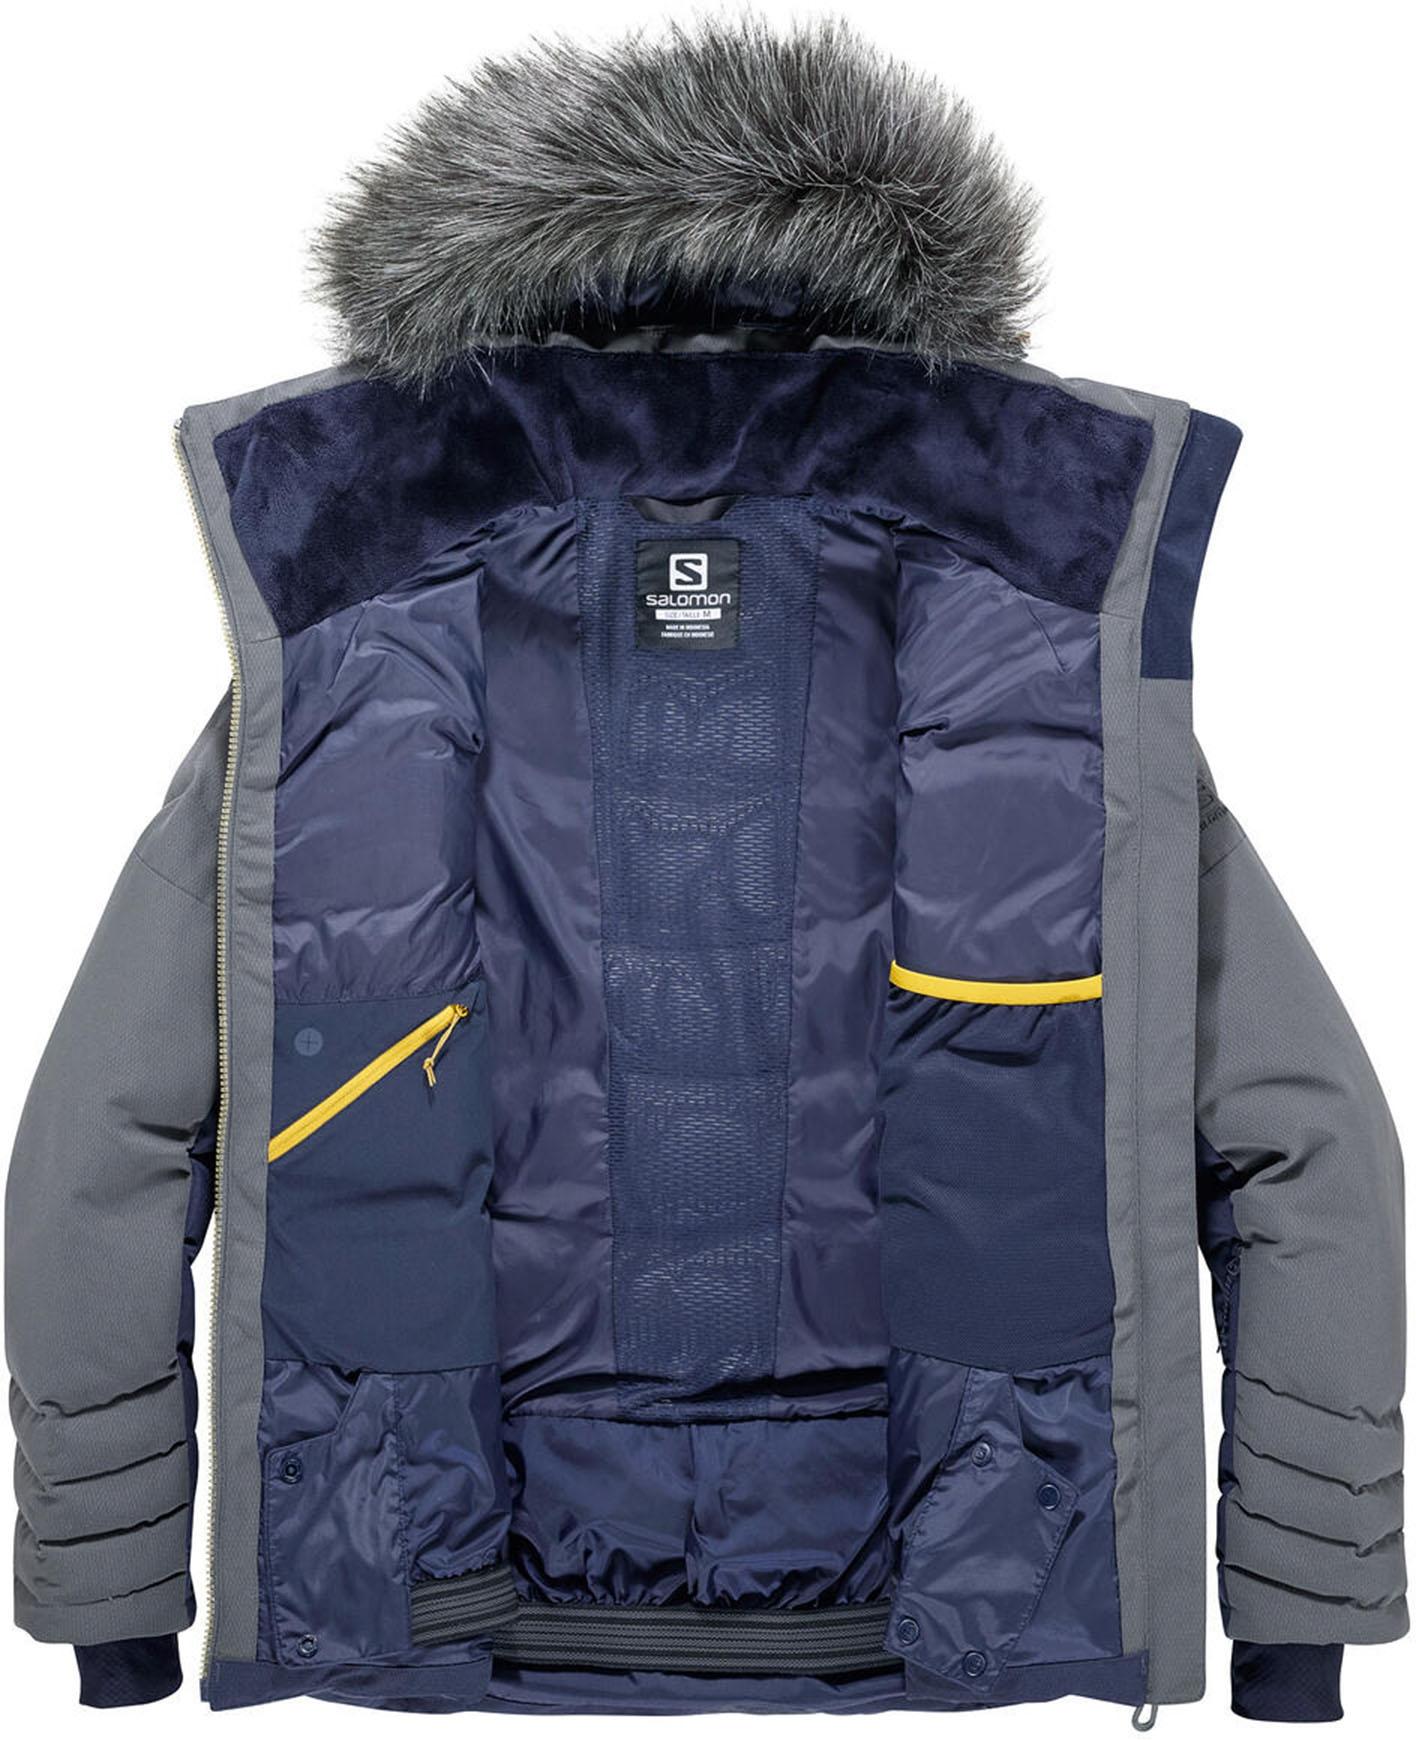 Icetown Jacket W Ebony